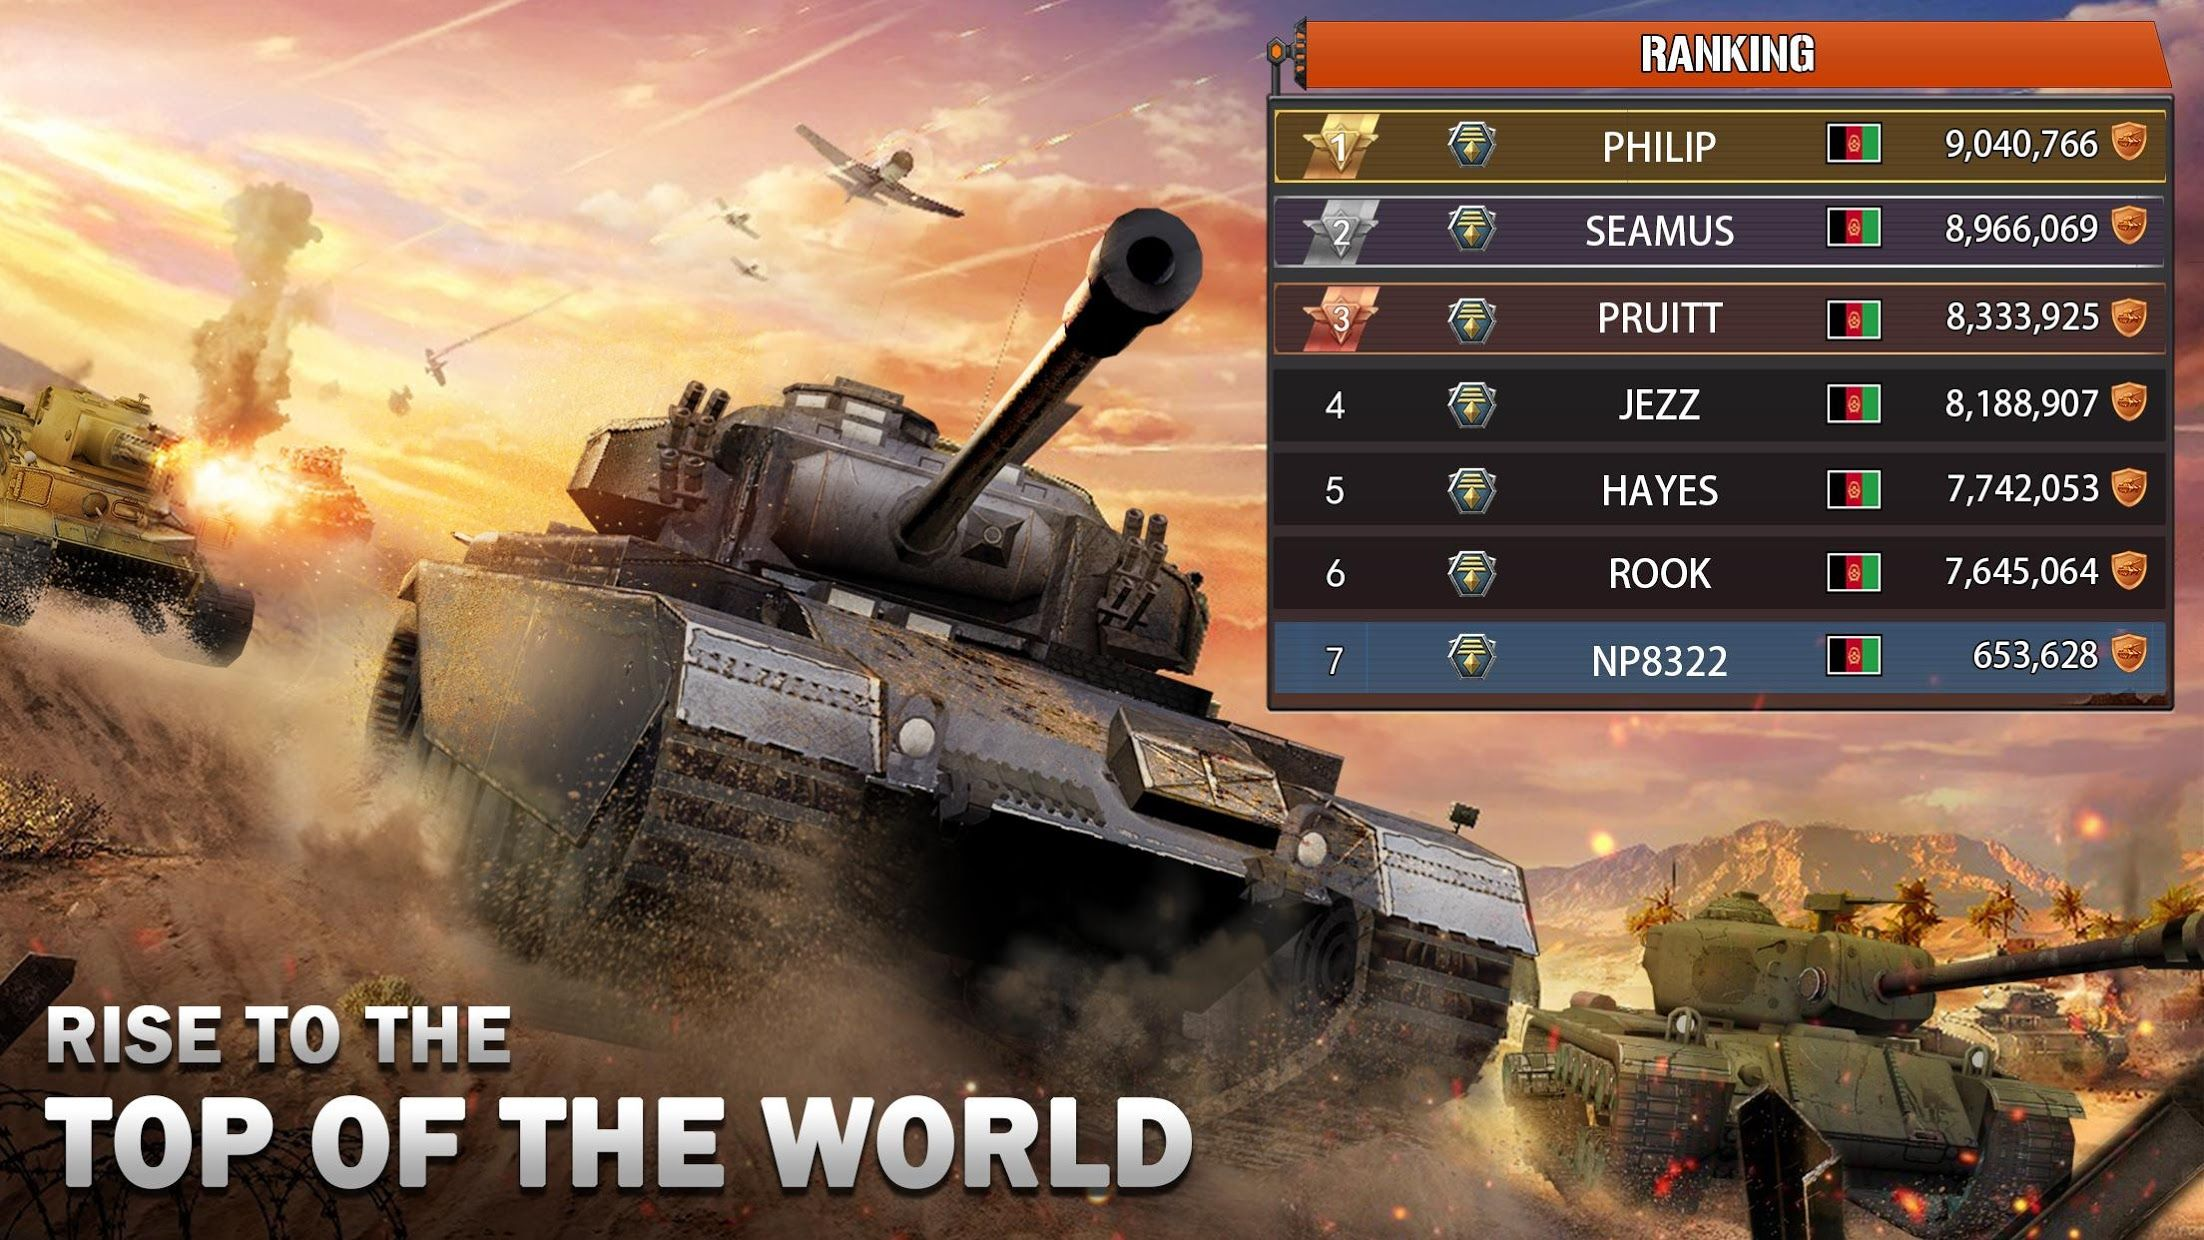 狂怒坦克:世界之巅,生存大战 游戏截图2